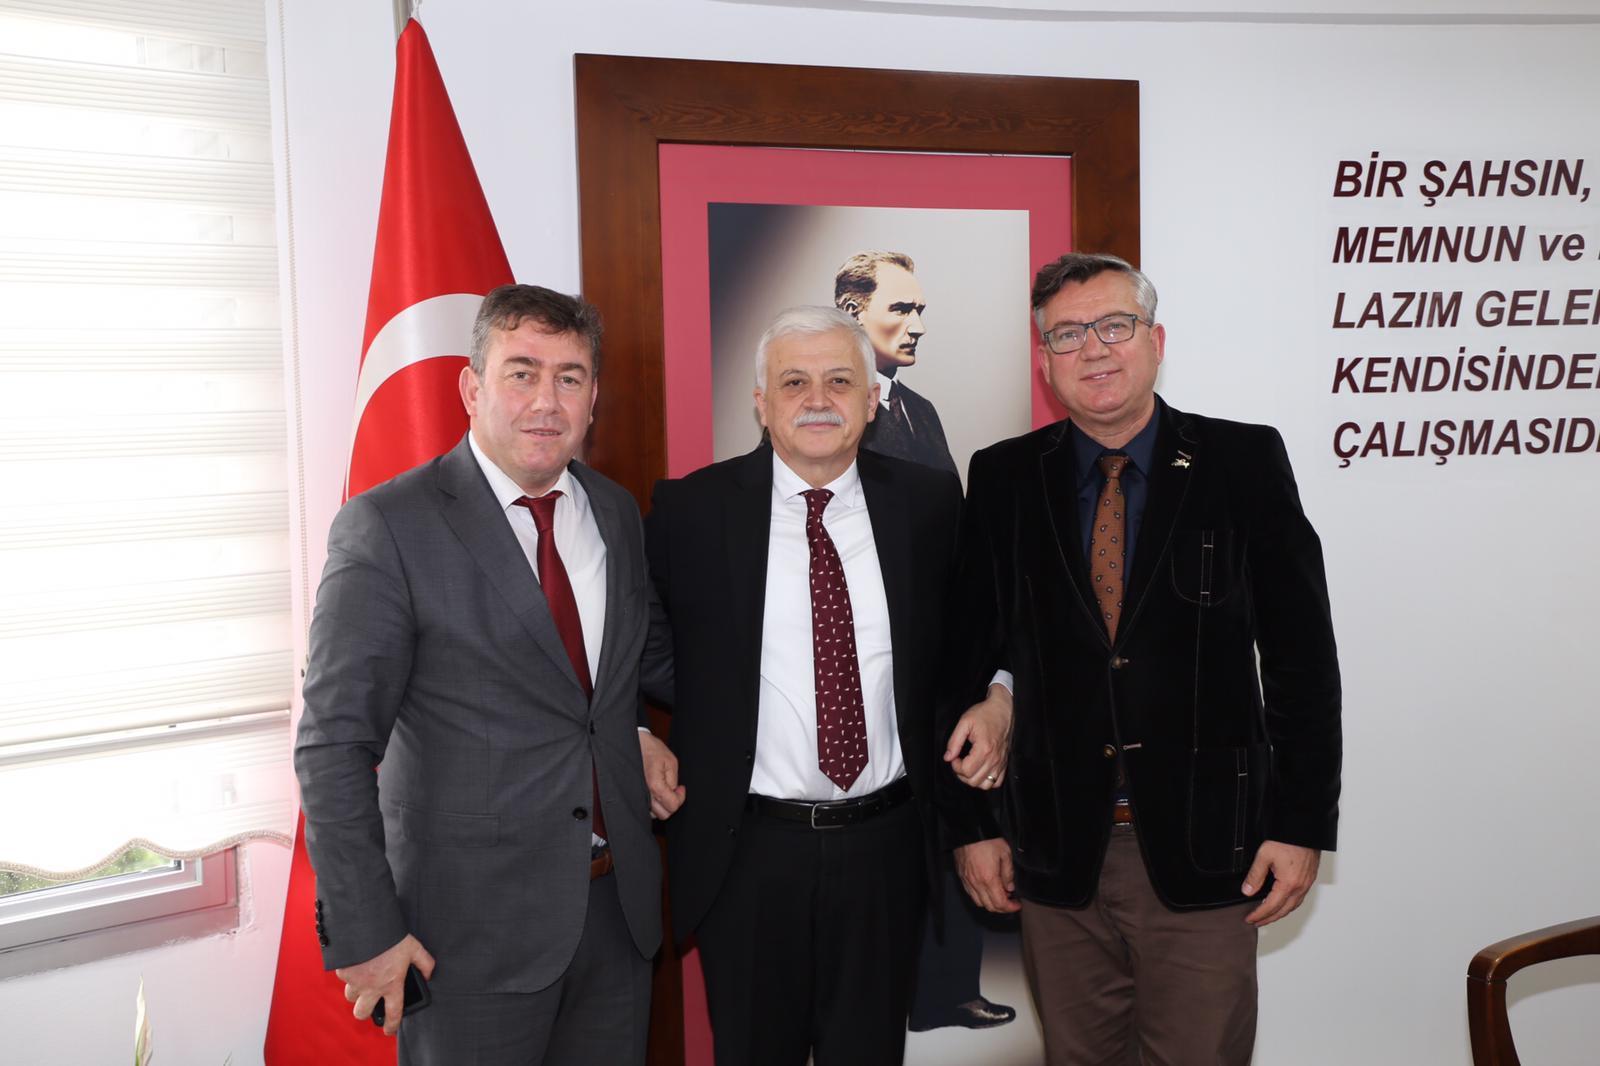 Balıkesir Kocaseyit Havaalanı Müdürü Taner Ödemiş ve Edremit Sivil Havacılık Yüksek Okulu Müdürü Prof.Dr.Abdullah Soykan Ziyareti